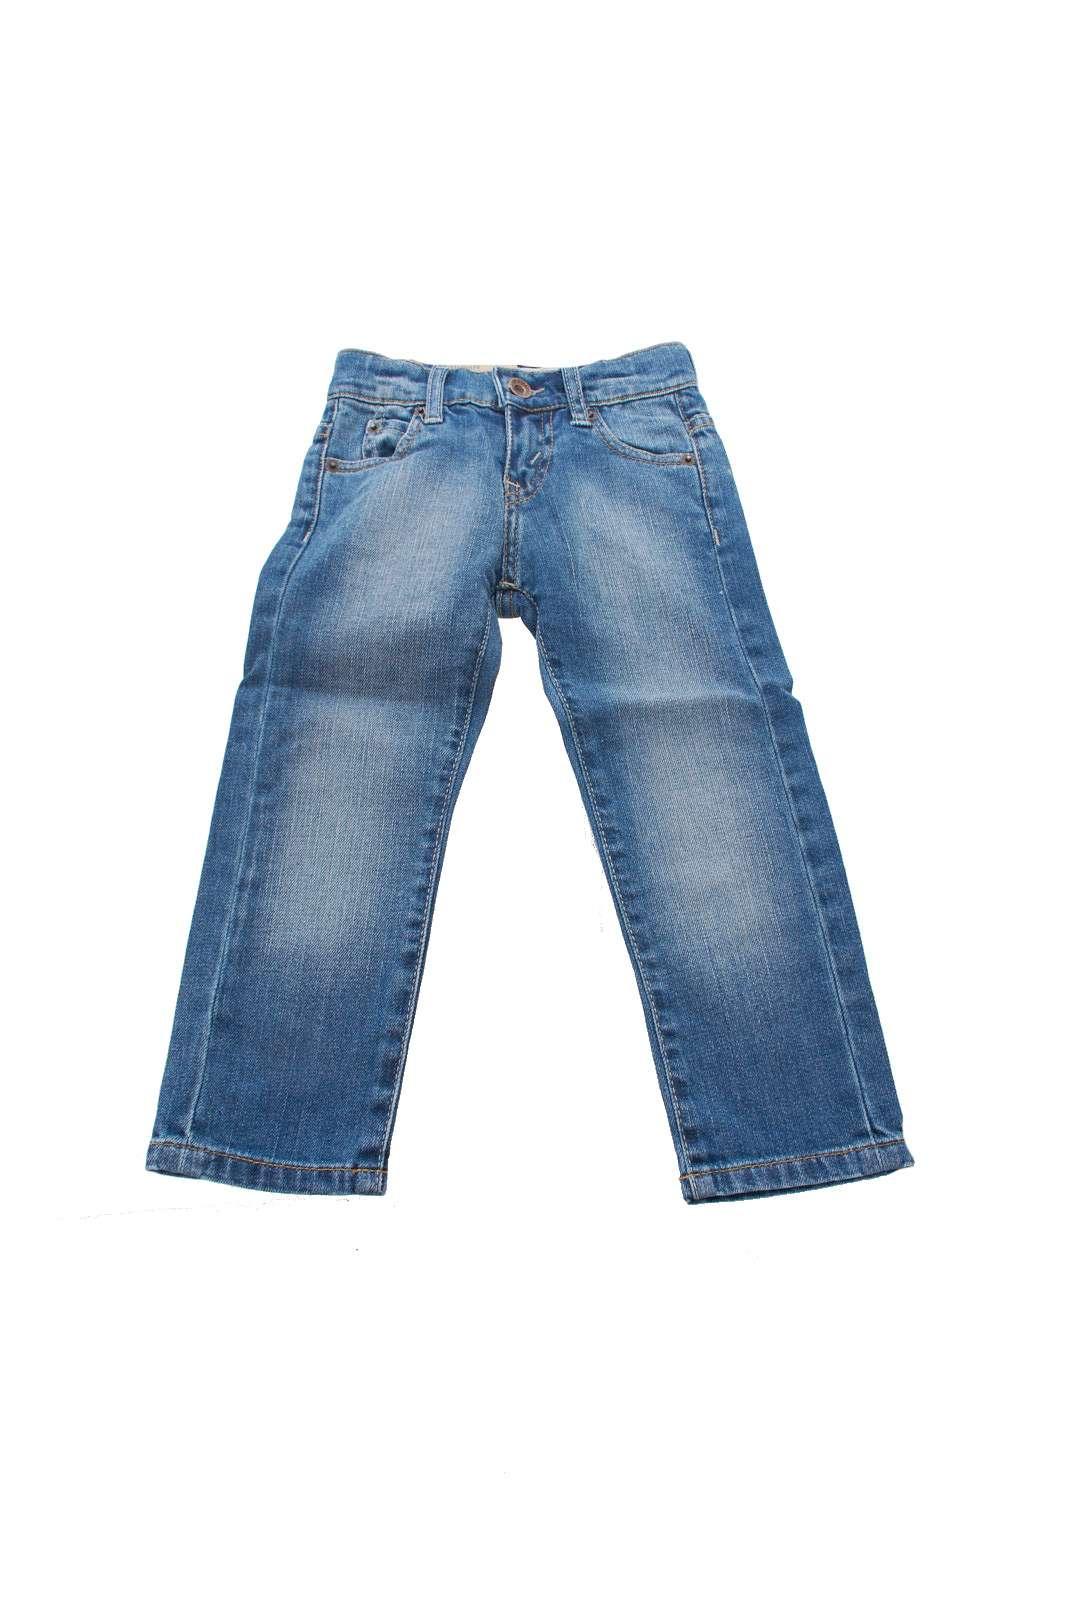 Un must have questo jeans da bambino firmato LEVI'S. Ideale da abbinare a una t-shirt per un look casual o a una camicia per un look più elegante si presta ad ogni outfit e a ogni occasione.